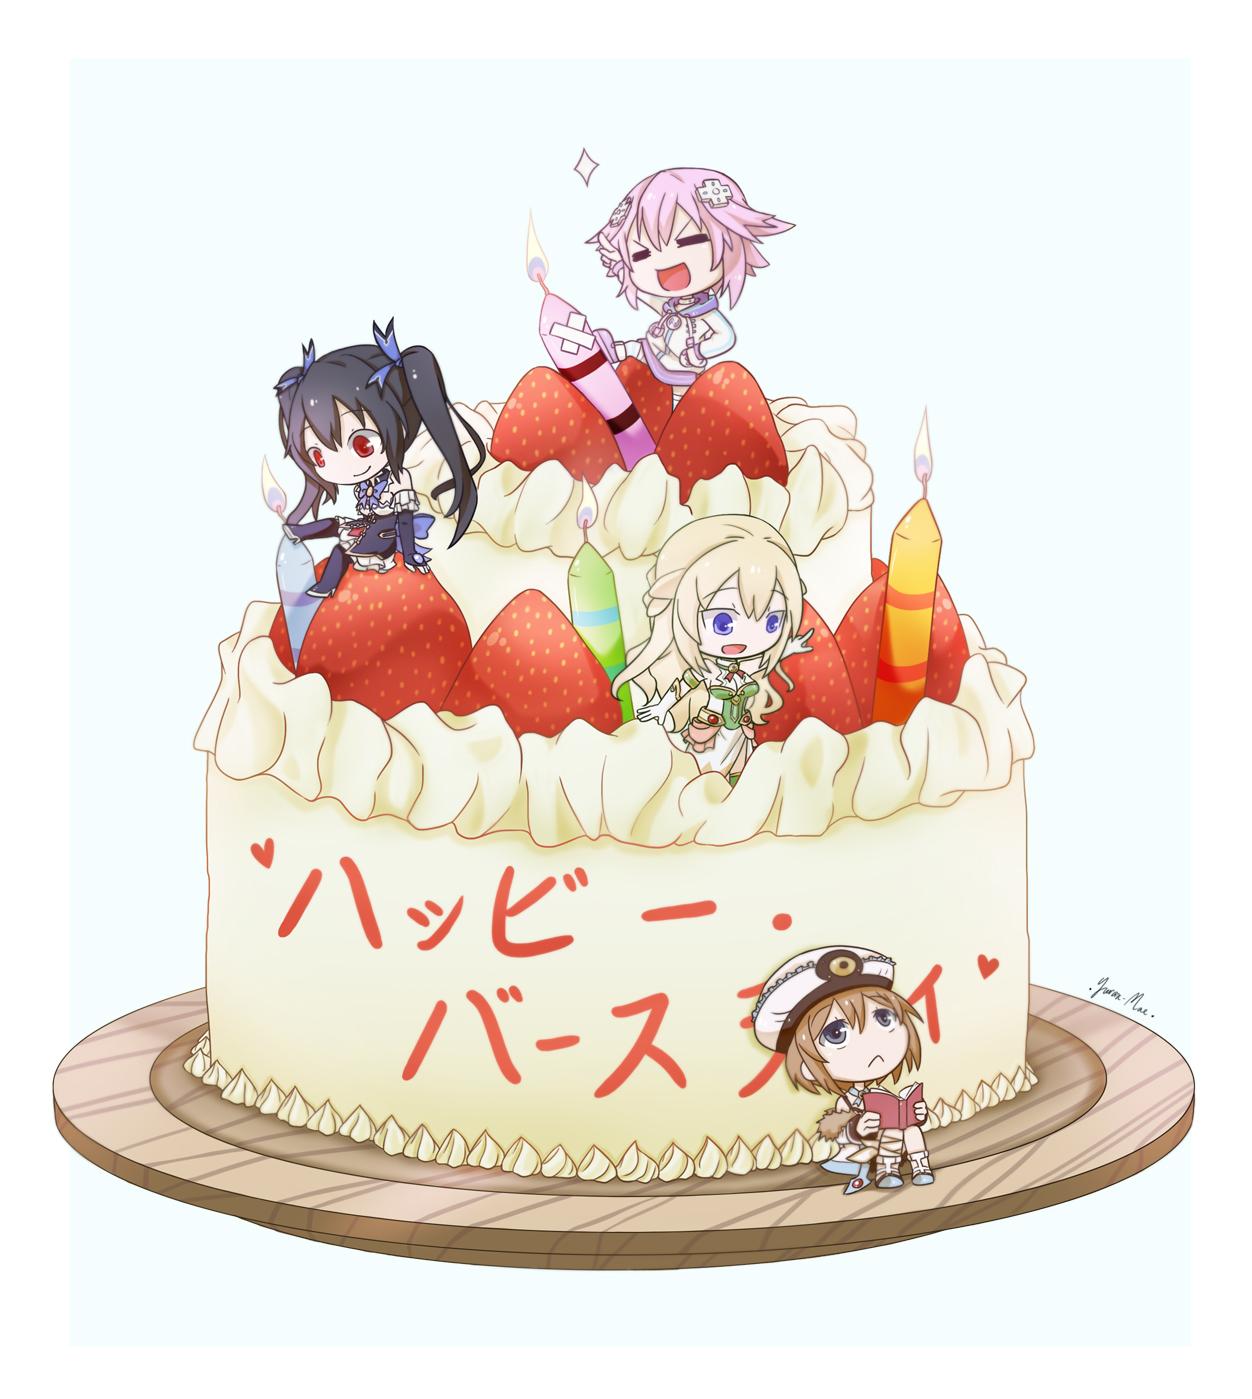 Happy Birhtday Asami Imai! (AKA Japanese Voice Noire